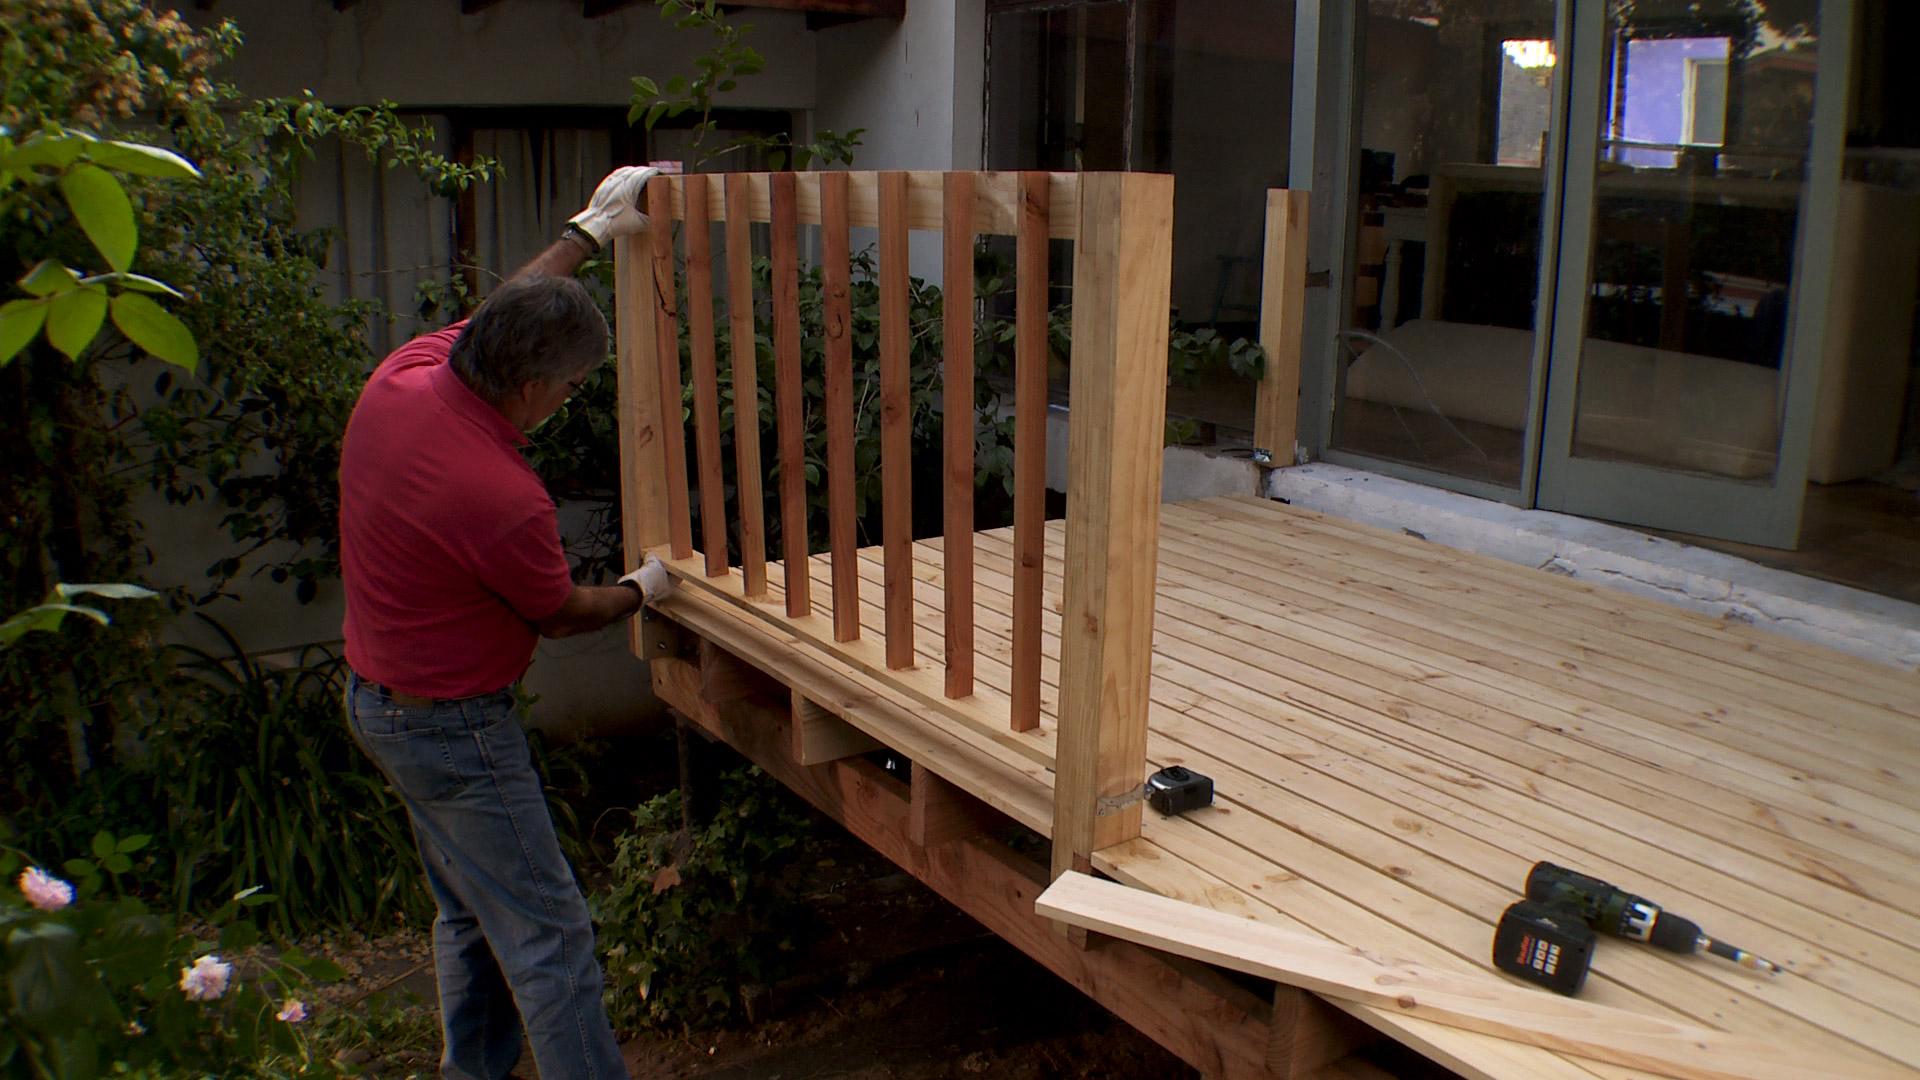 Construye tu propia terraza de madera en simples pasos - Suelo de madera para terraza ...